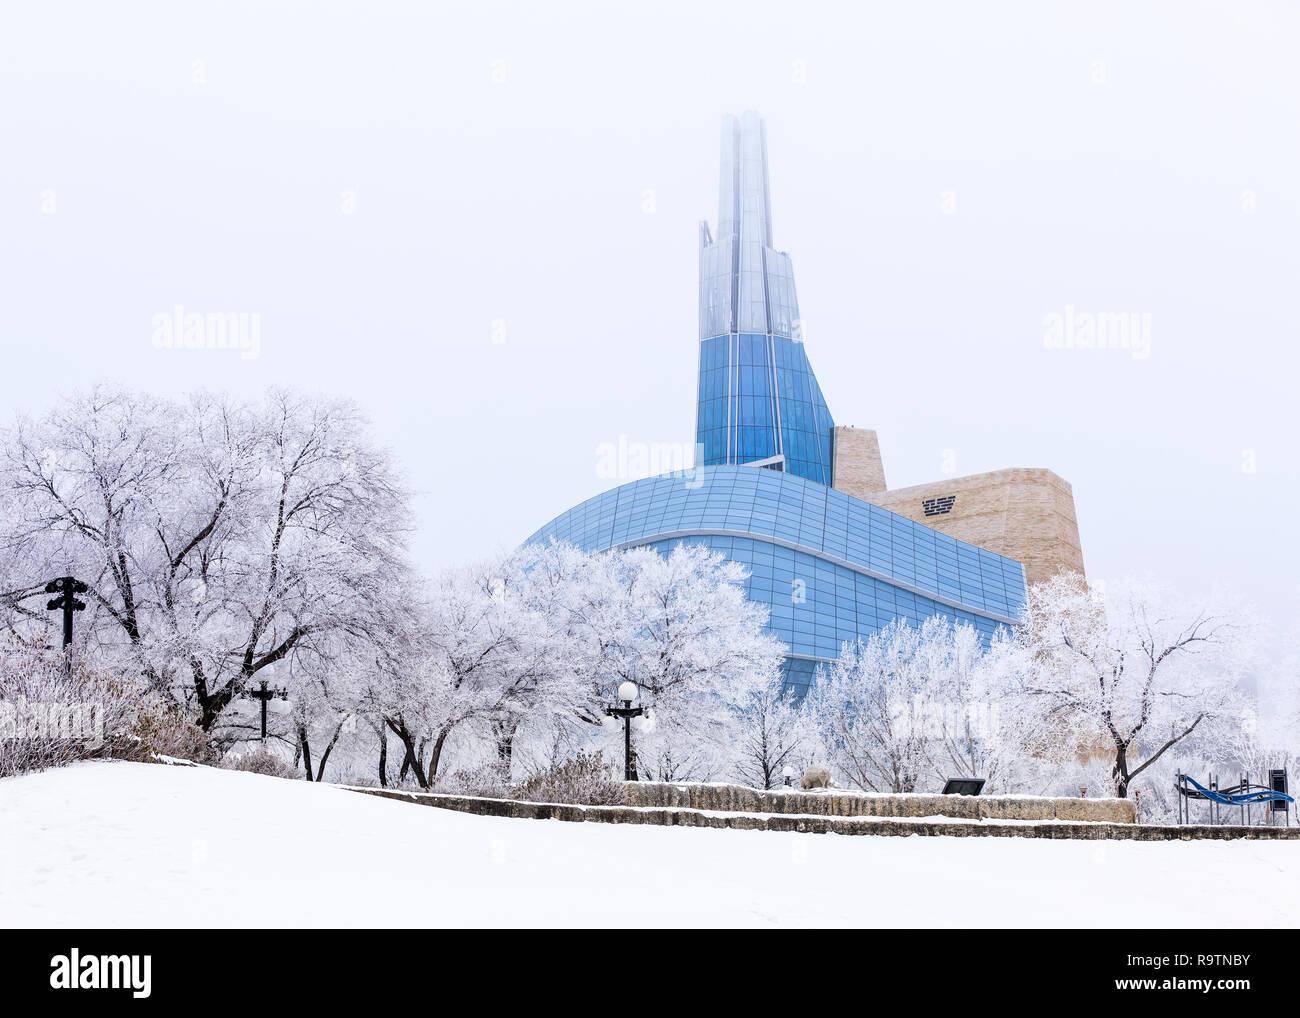 Museo canadiense de los derechos humanos en un helado día de invierno, Winnipeg, Manitoba, Canadá. Foto de stock